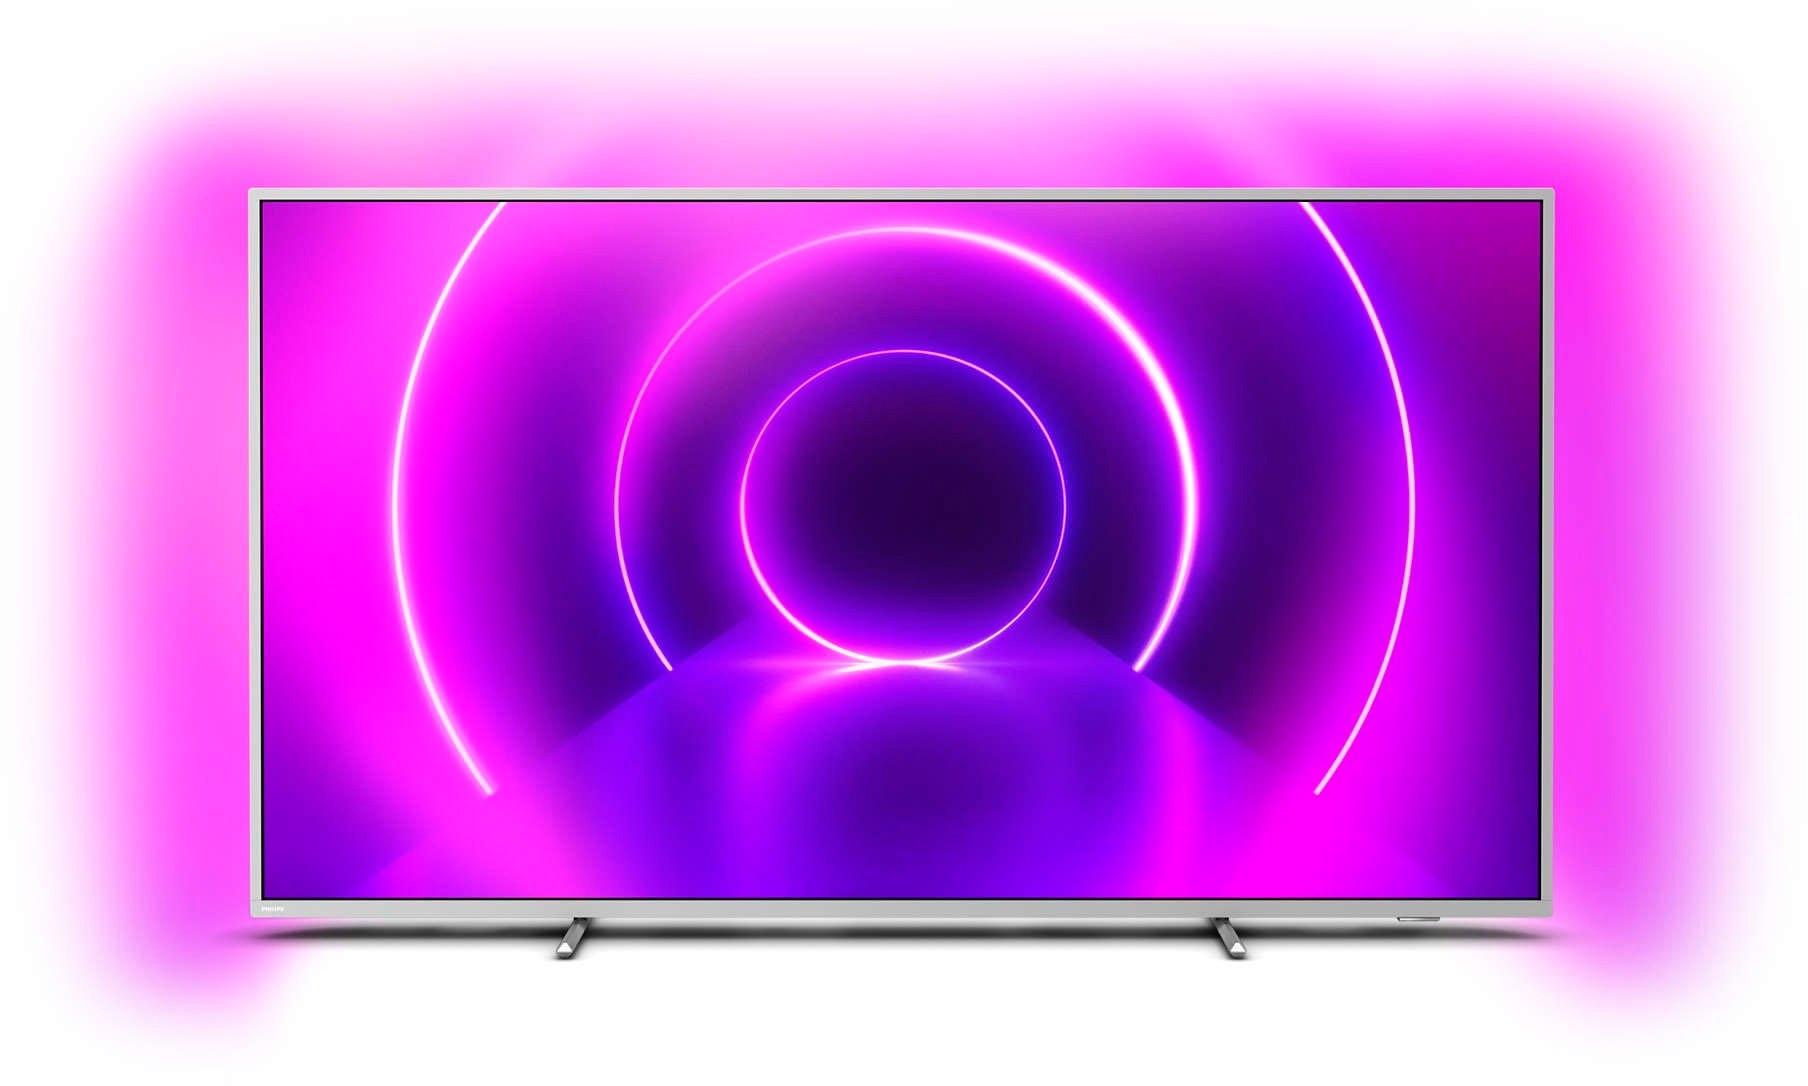 Philips »70PUS8505« LED-TV goedkoop op otto.nl kopen